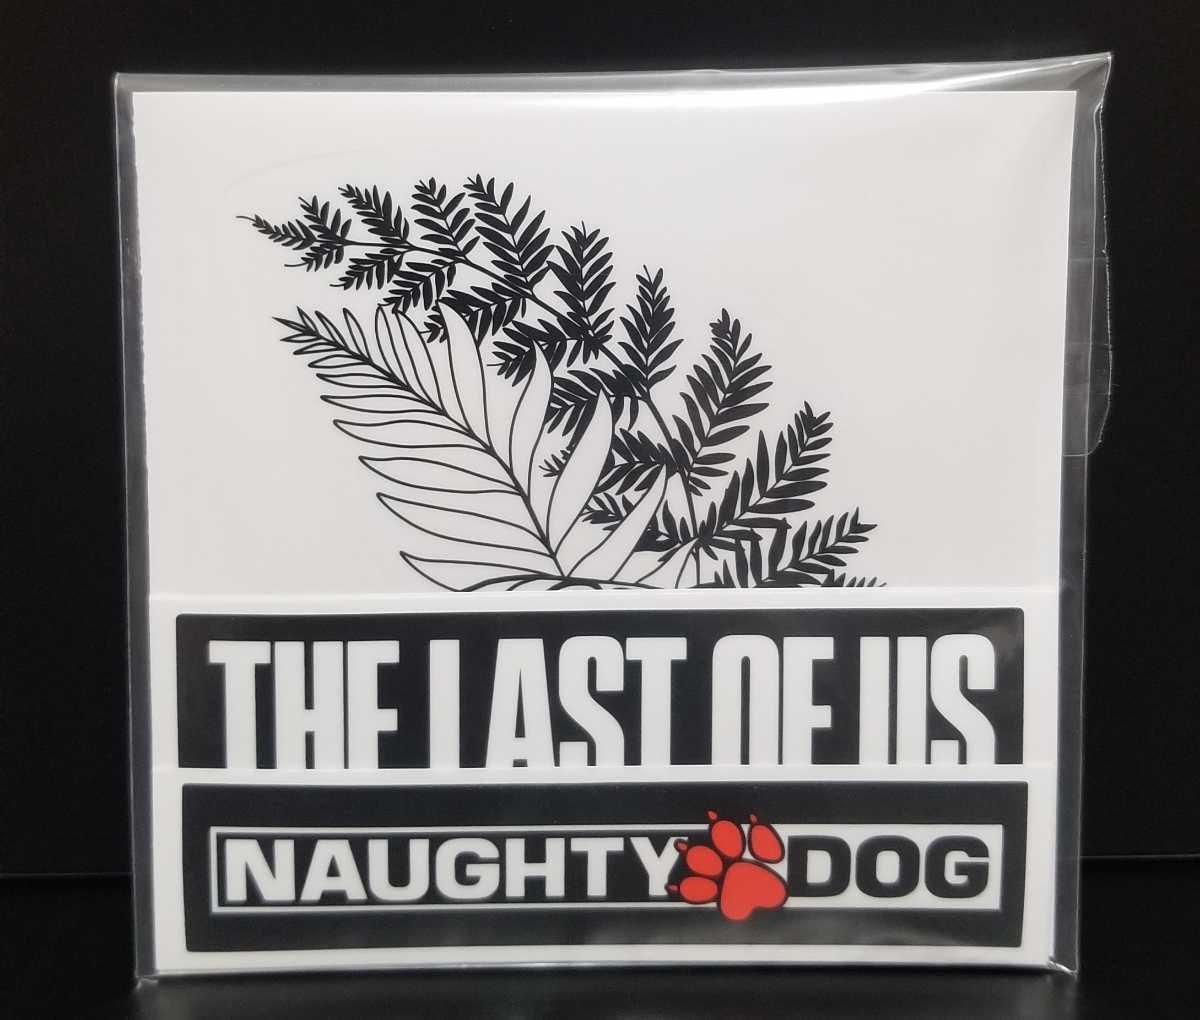 ラストオブアス2 The Last of Us Part II ステッカー のみ ラストオブアス 新品 未開封 送料無料